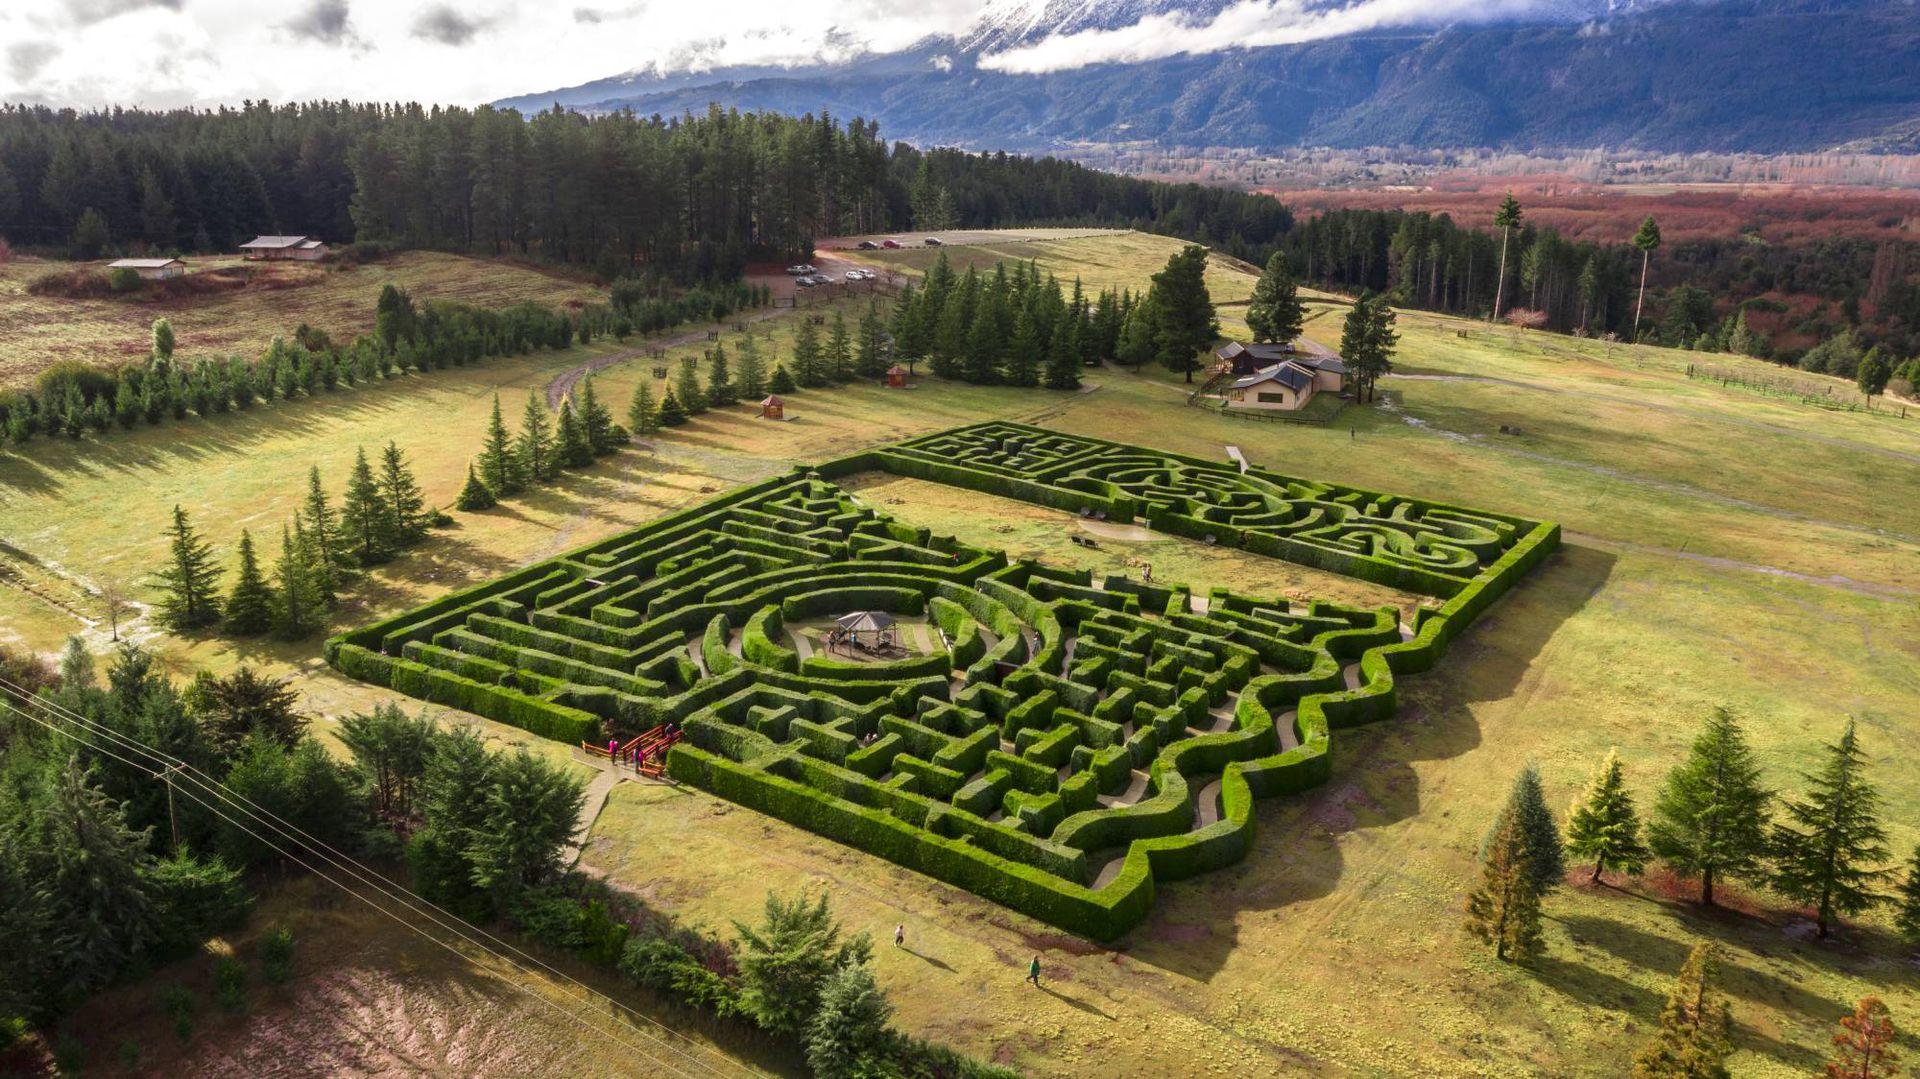 En el Valle de Epuyen rodeado por la  impresionante presencia de los Andes, el laberinto Patagonia es uno de los más importantes de Sudamérica